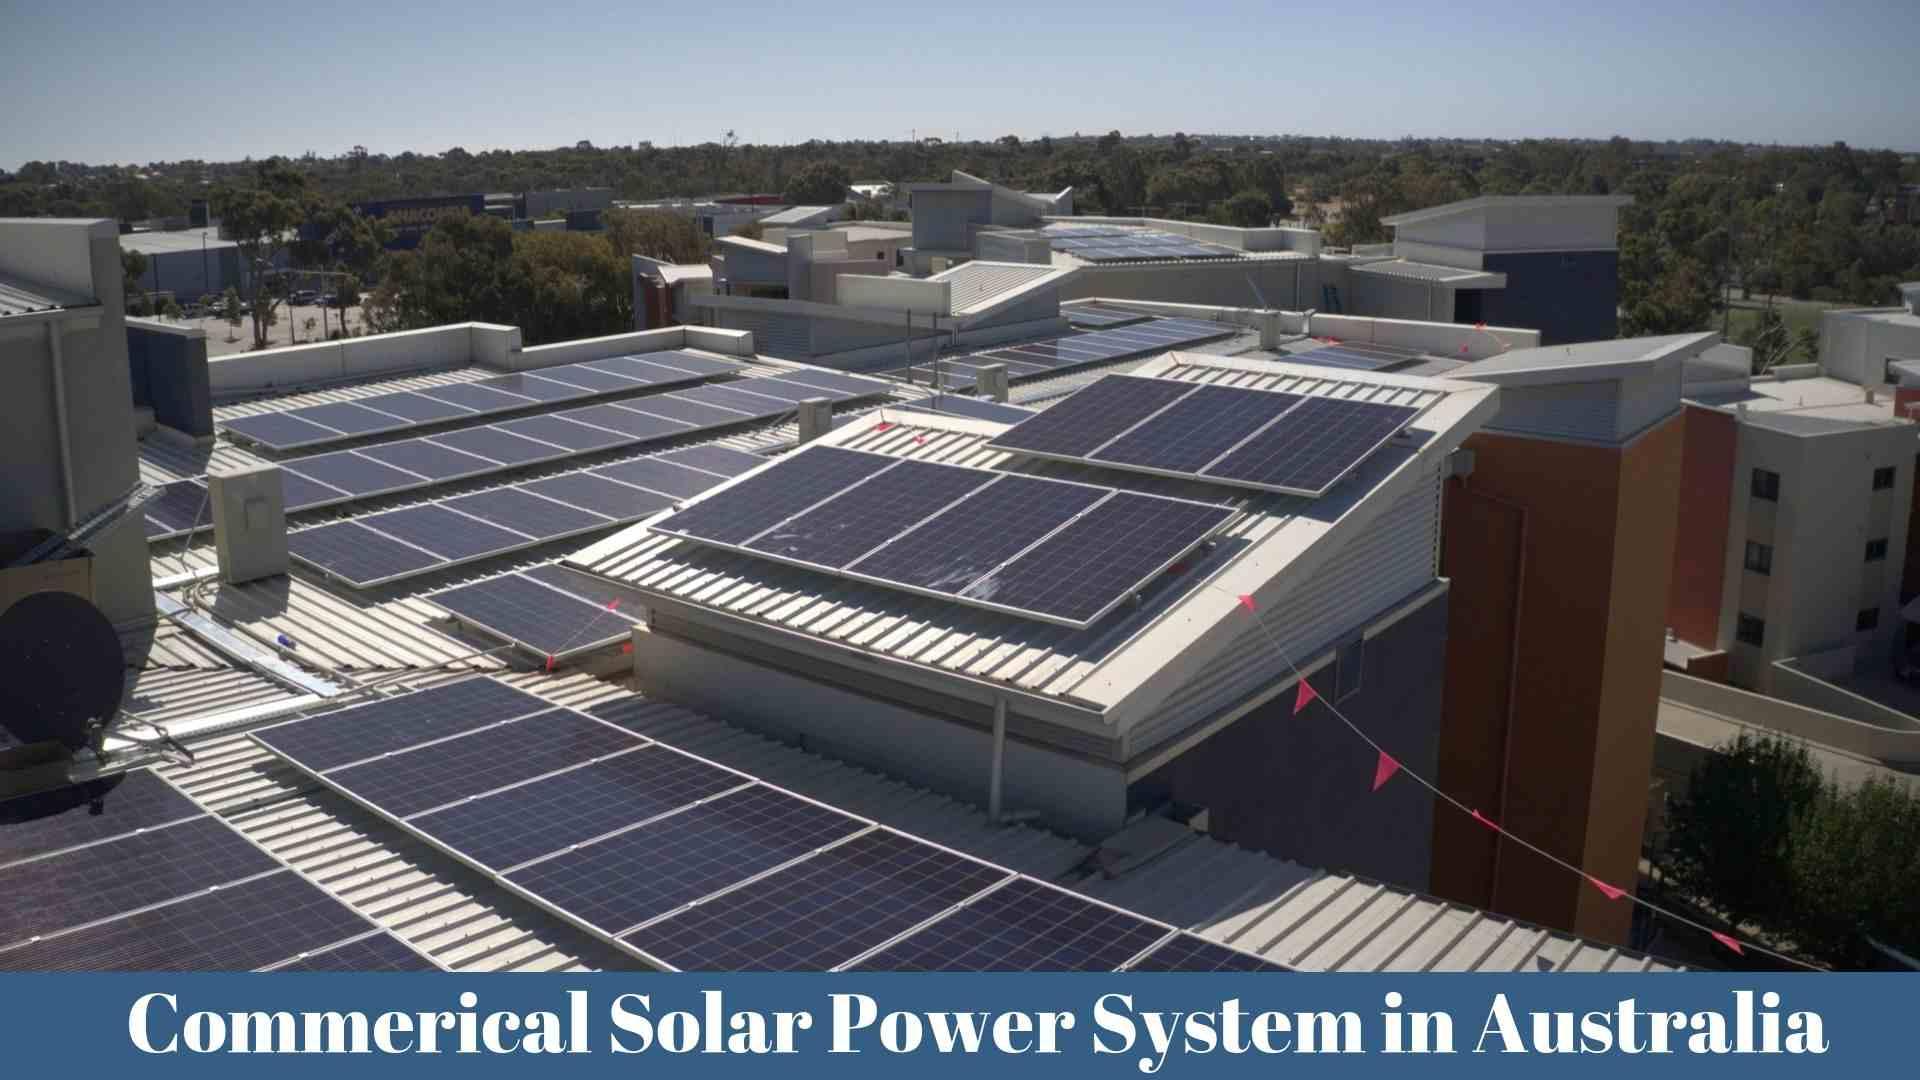 Commerical Solar Power System in Australia